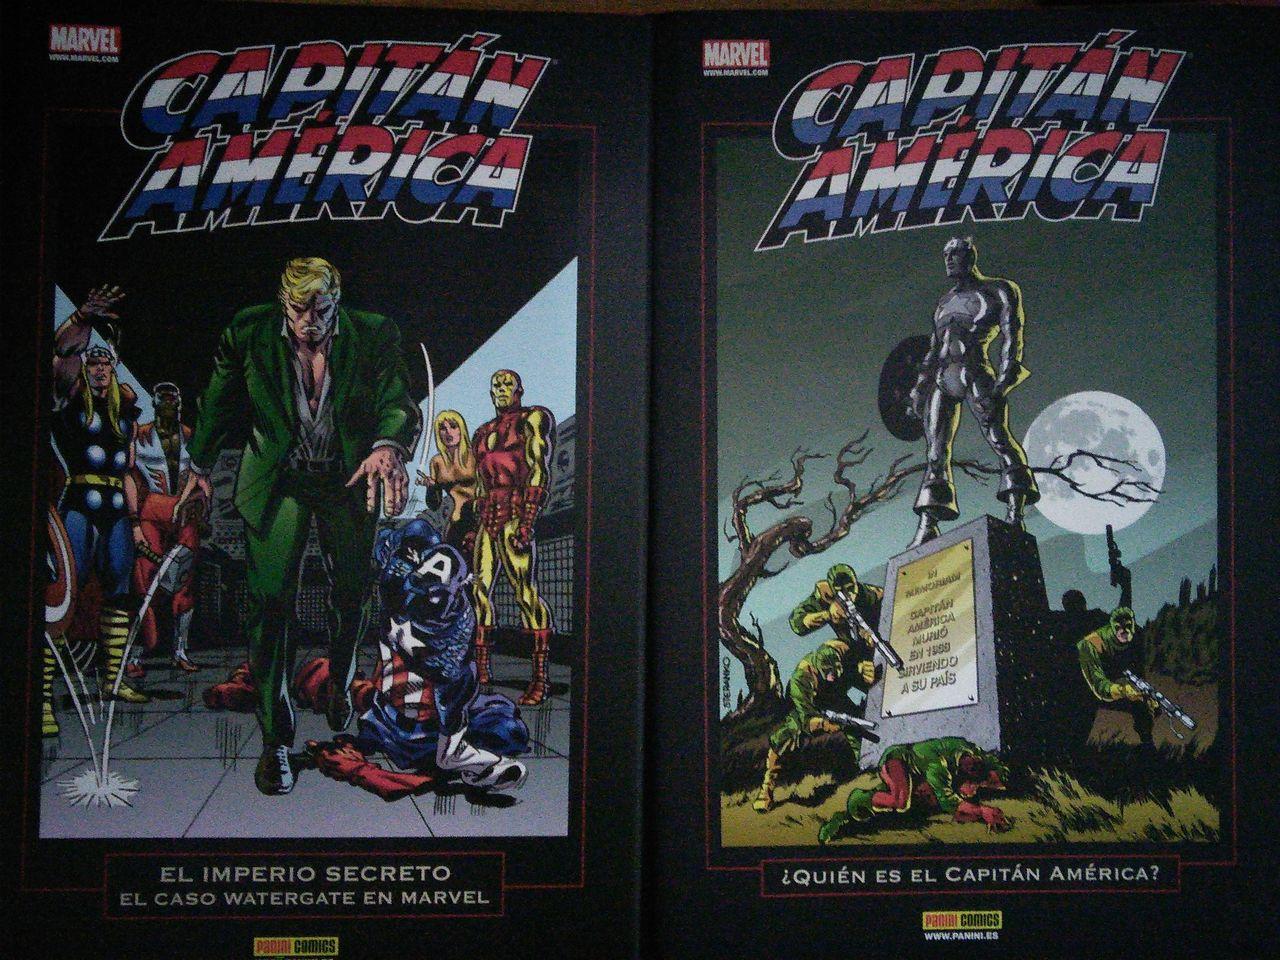 [Comics] ¡Colección Completa! - Página 8 IMG_20150516_204805